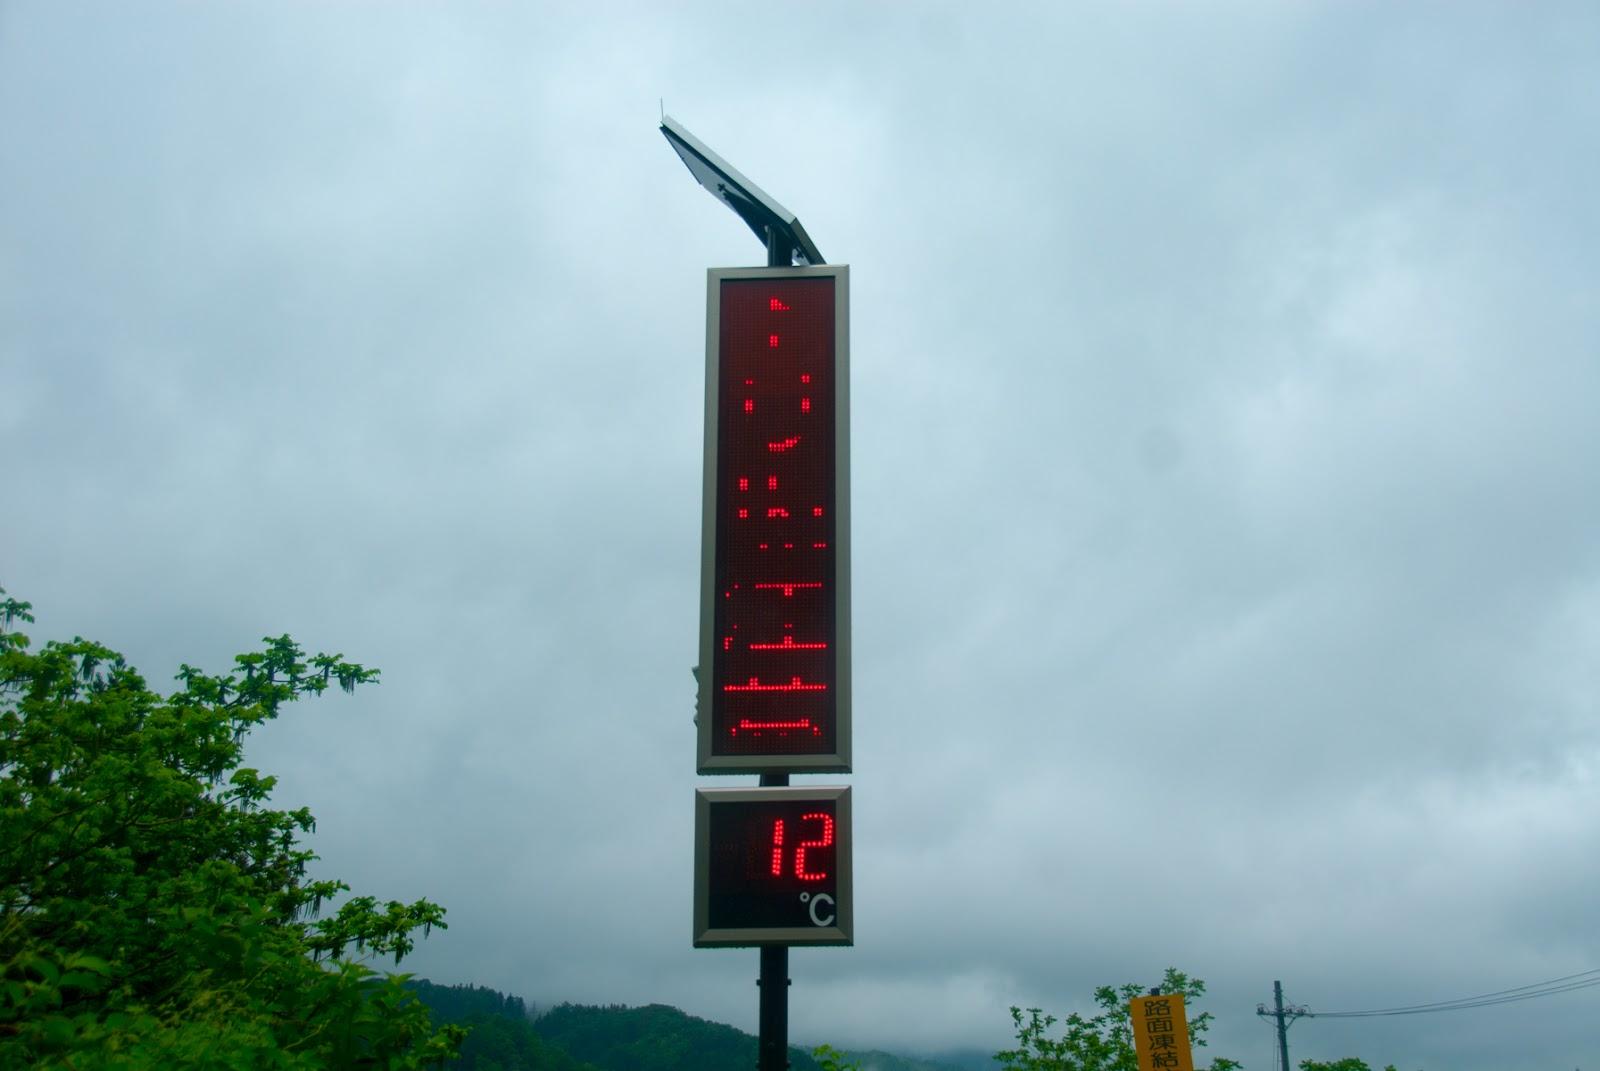 電光掲示板 温度 12℃